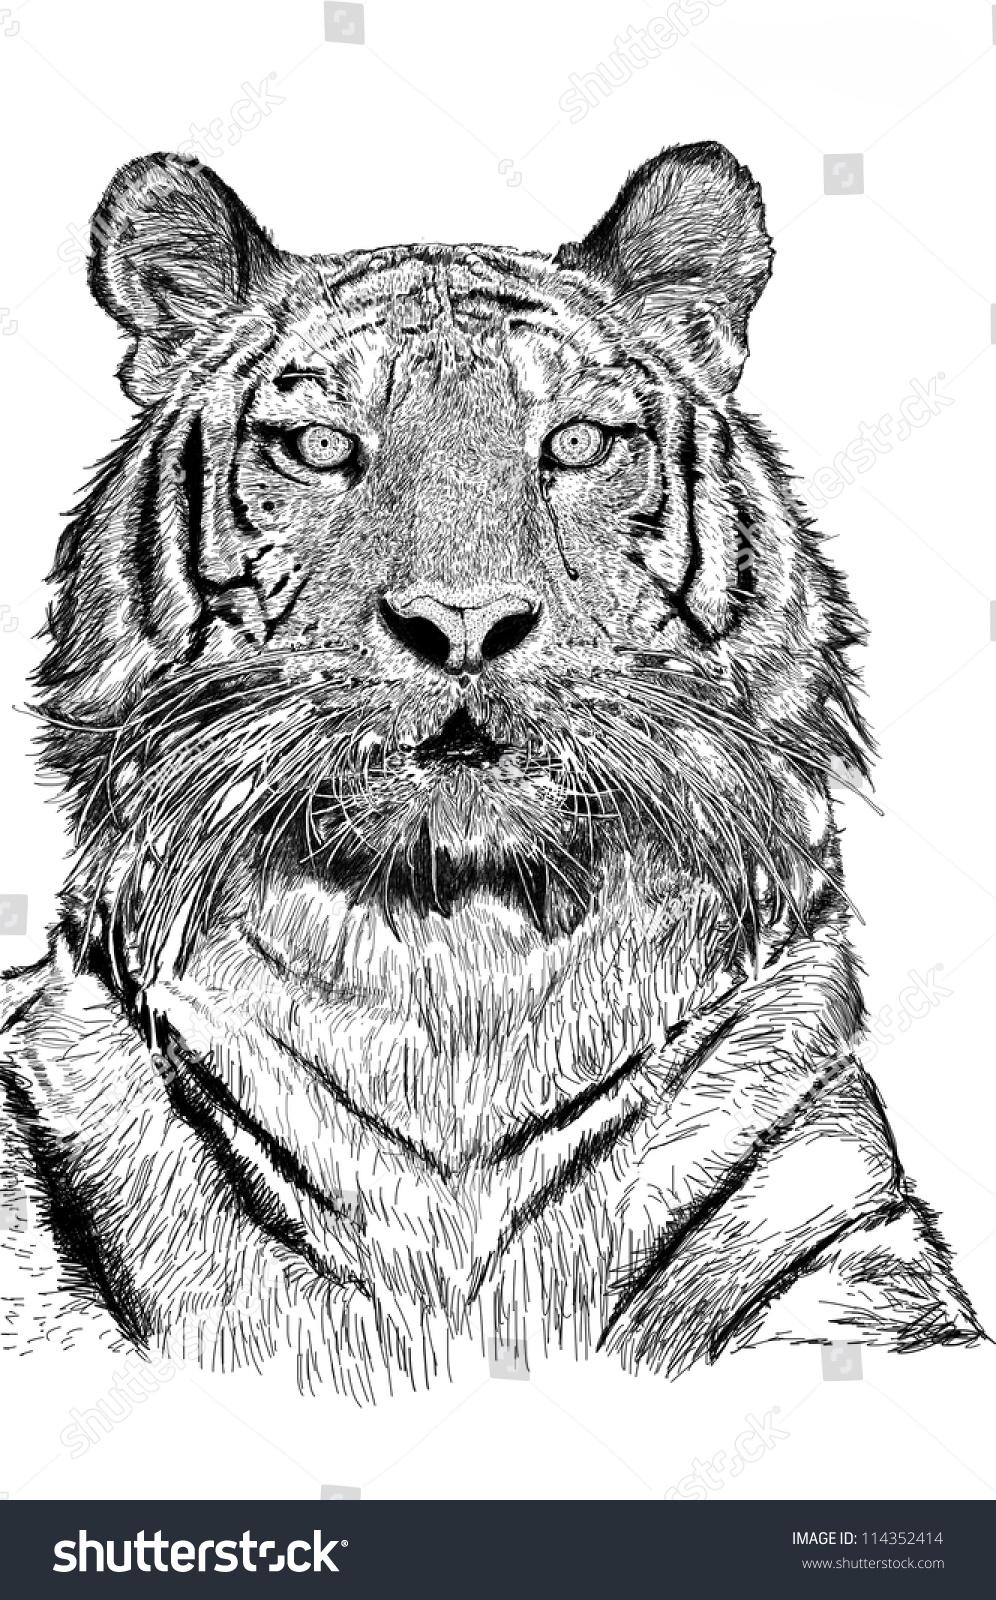 素描老虎与jpeg图片文件-动物/野生生物